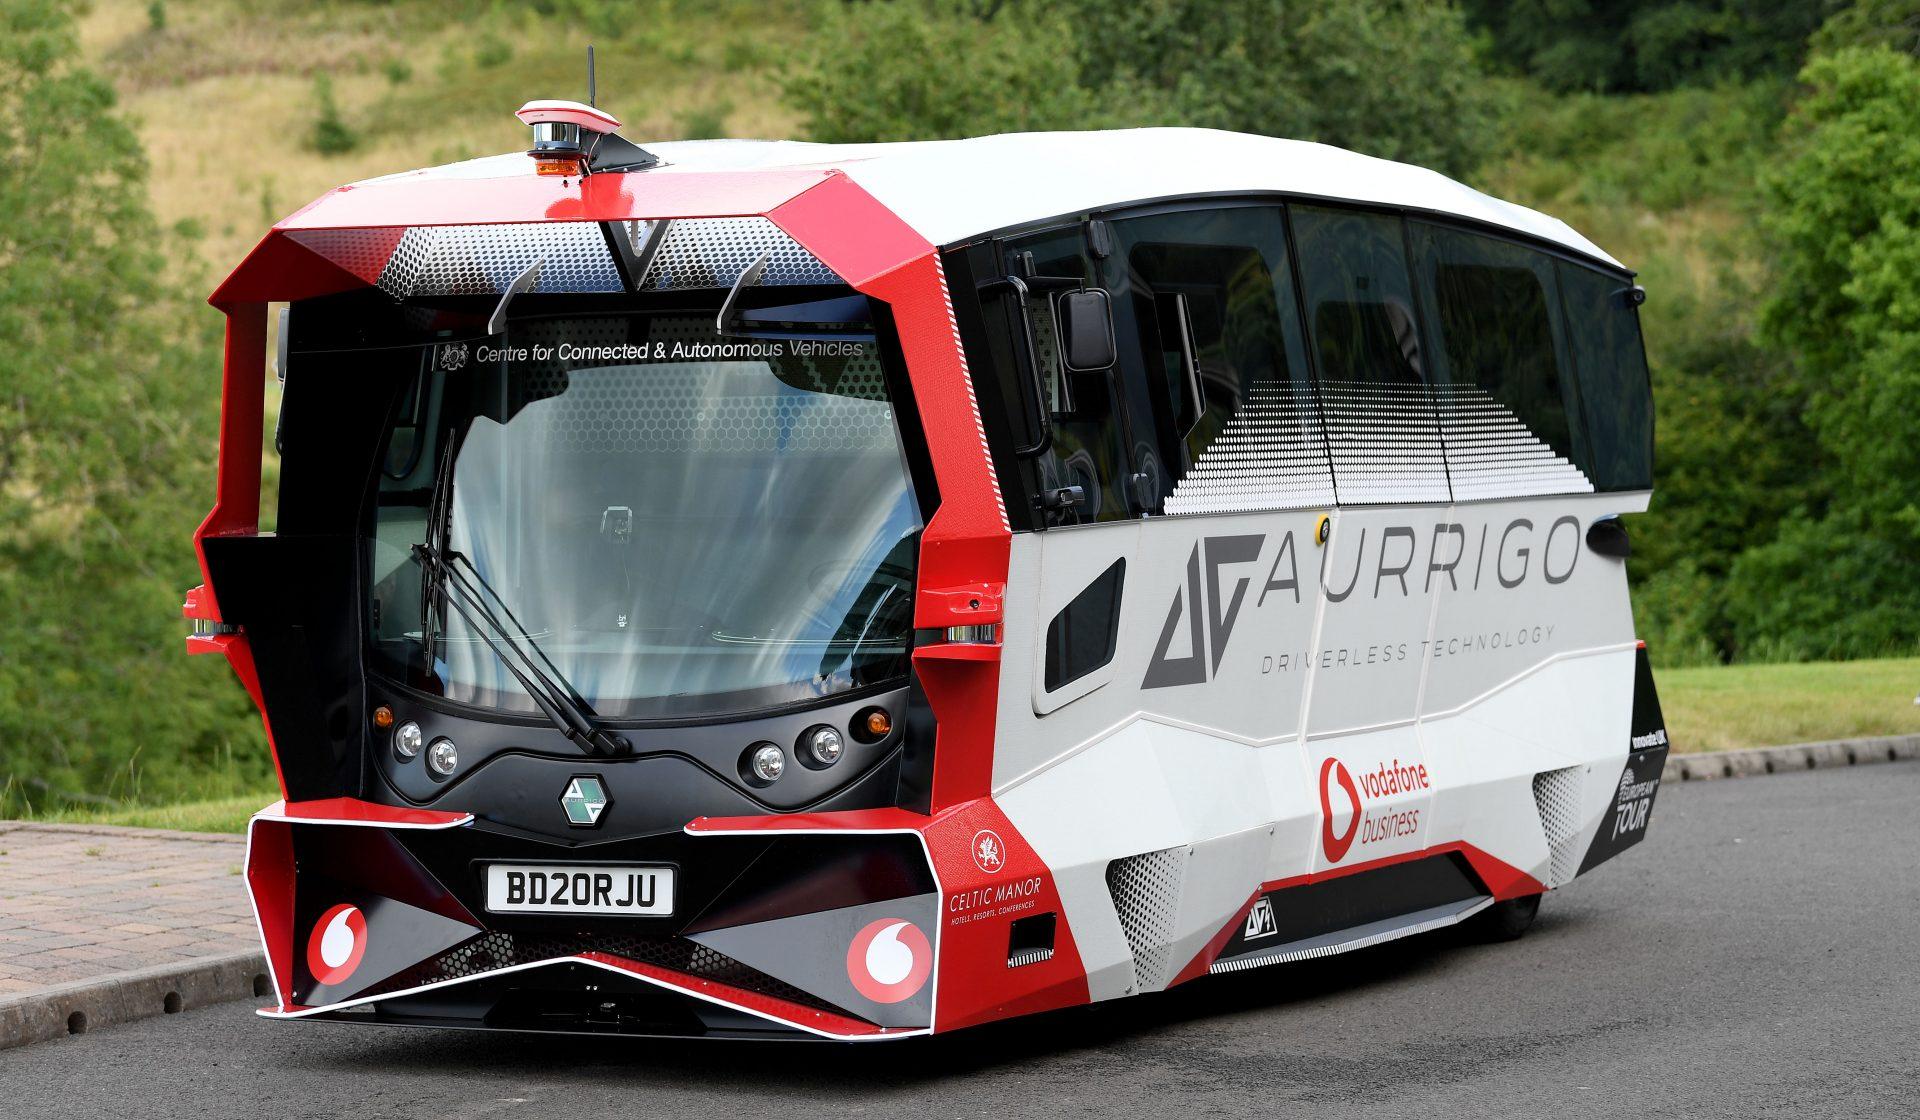 image of an Aurrigo autonomous shuttle bus